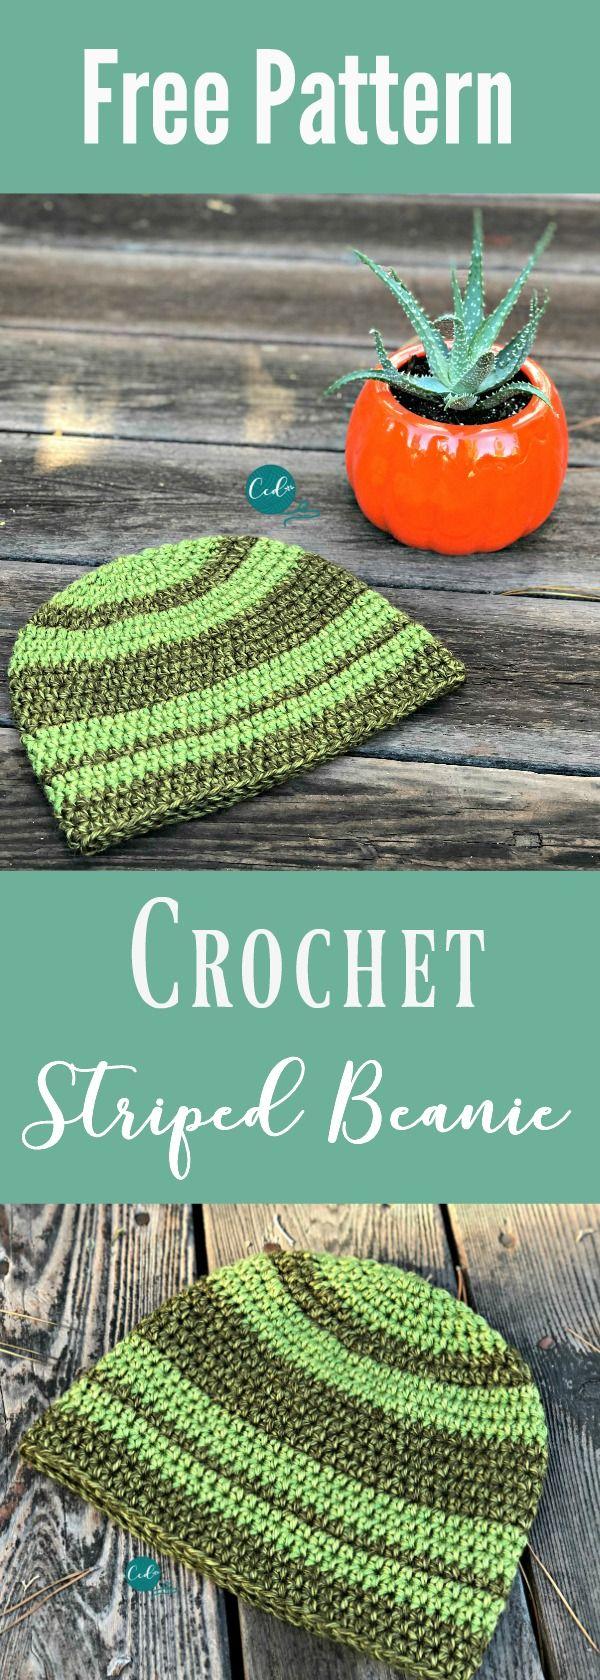 Striped Beanie Free Crochet Pattern | Easy crochet hat, Crochet ...